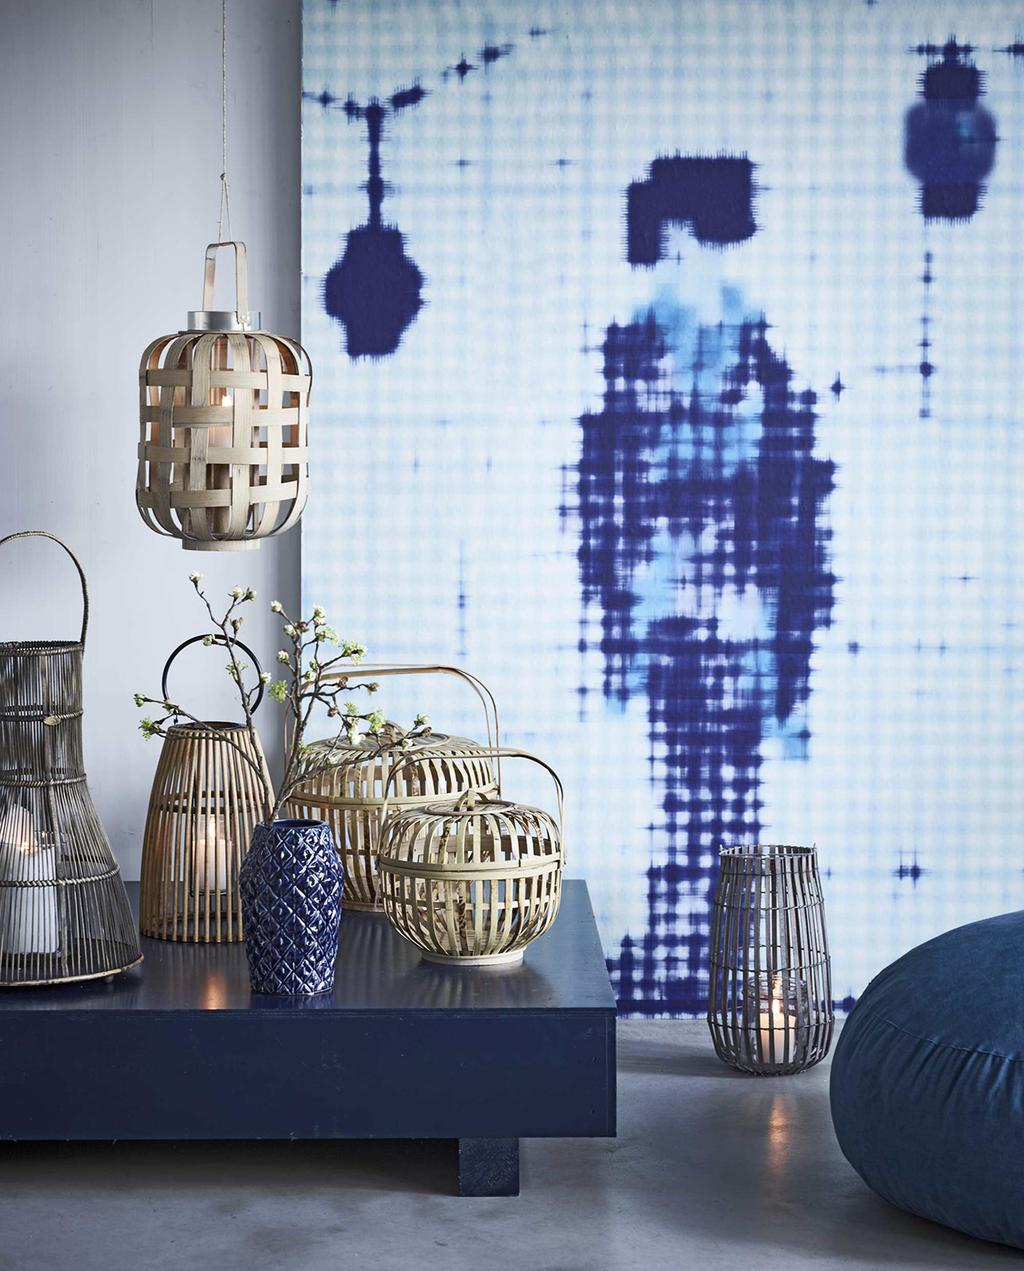 vtwonen 05-2016 | verschillende lantaarns op verhoging, met blauw schilderij, woning Japan